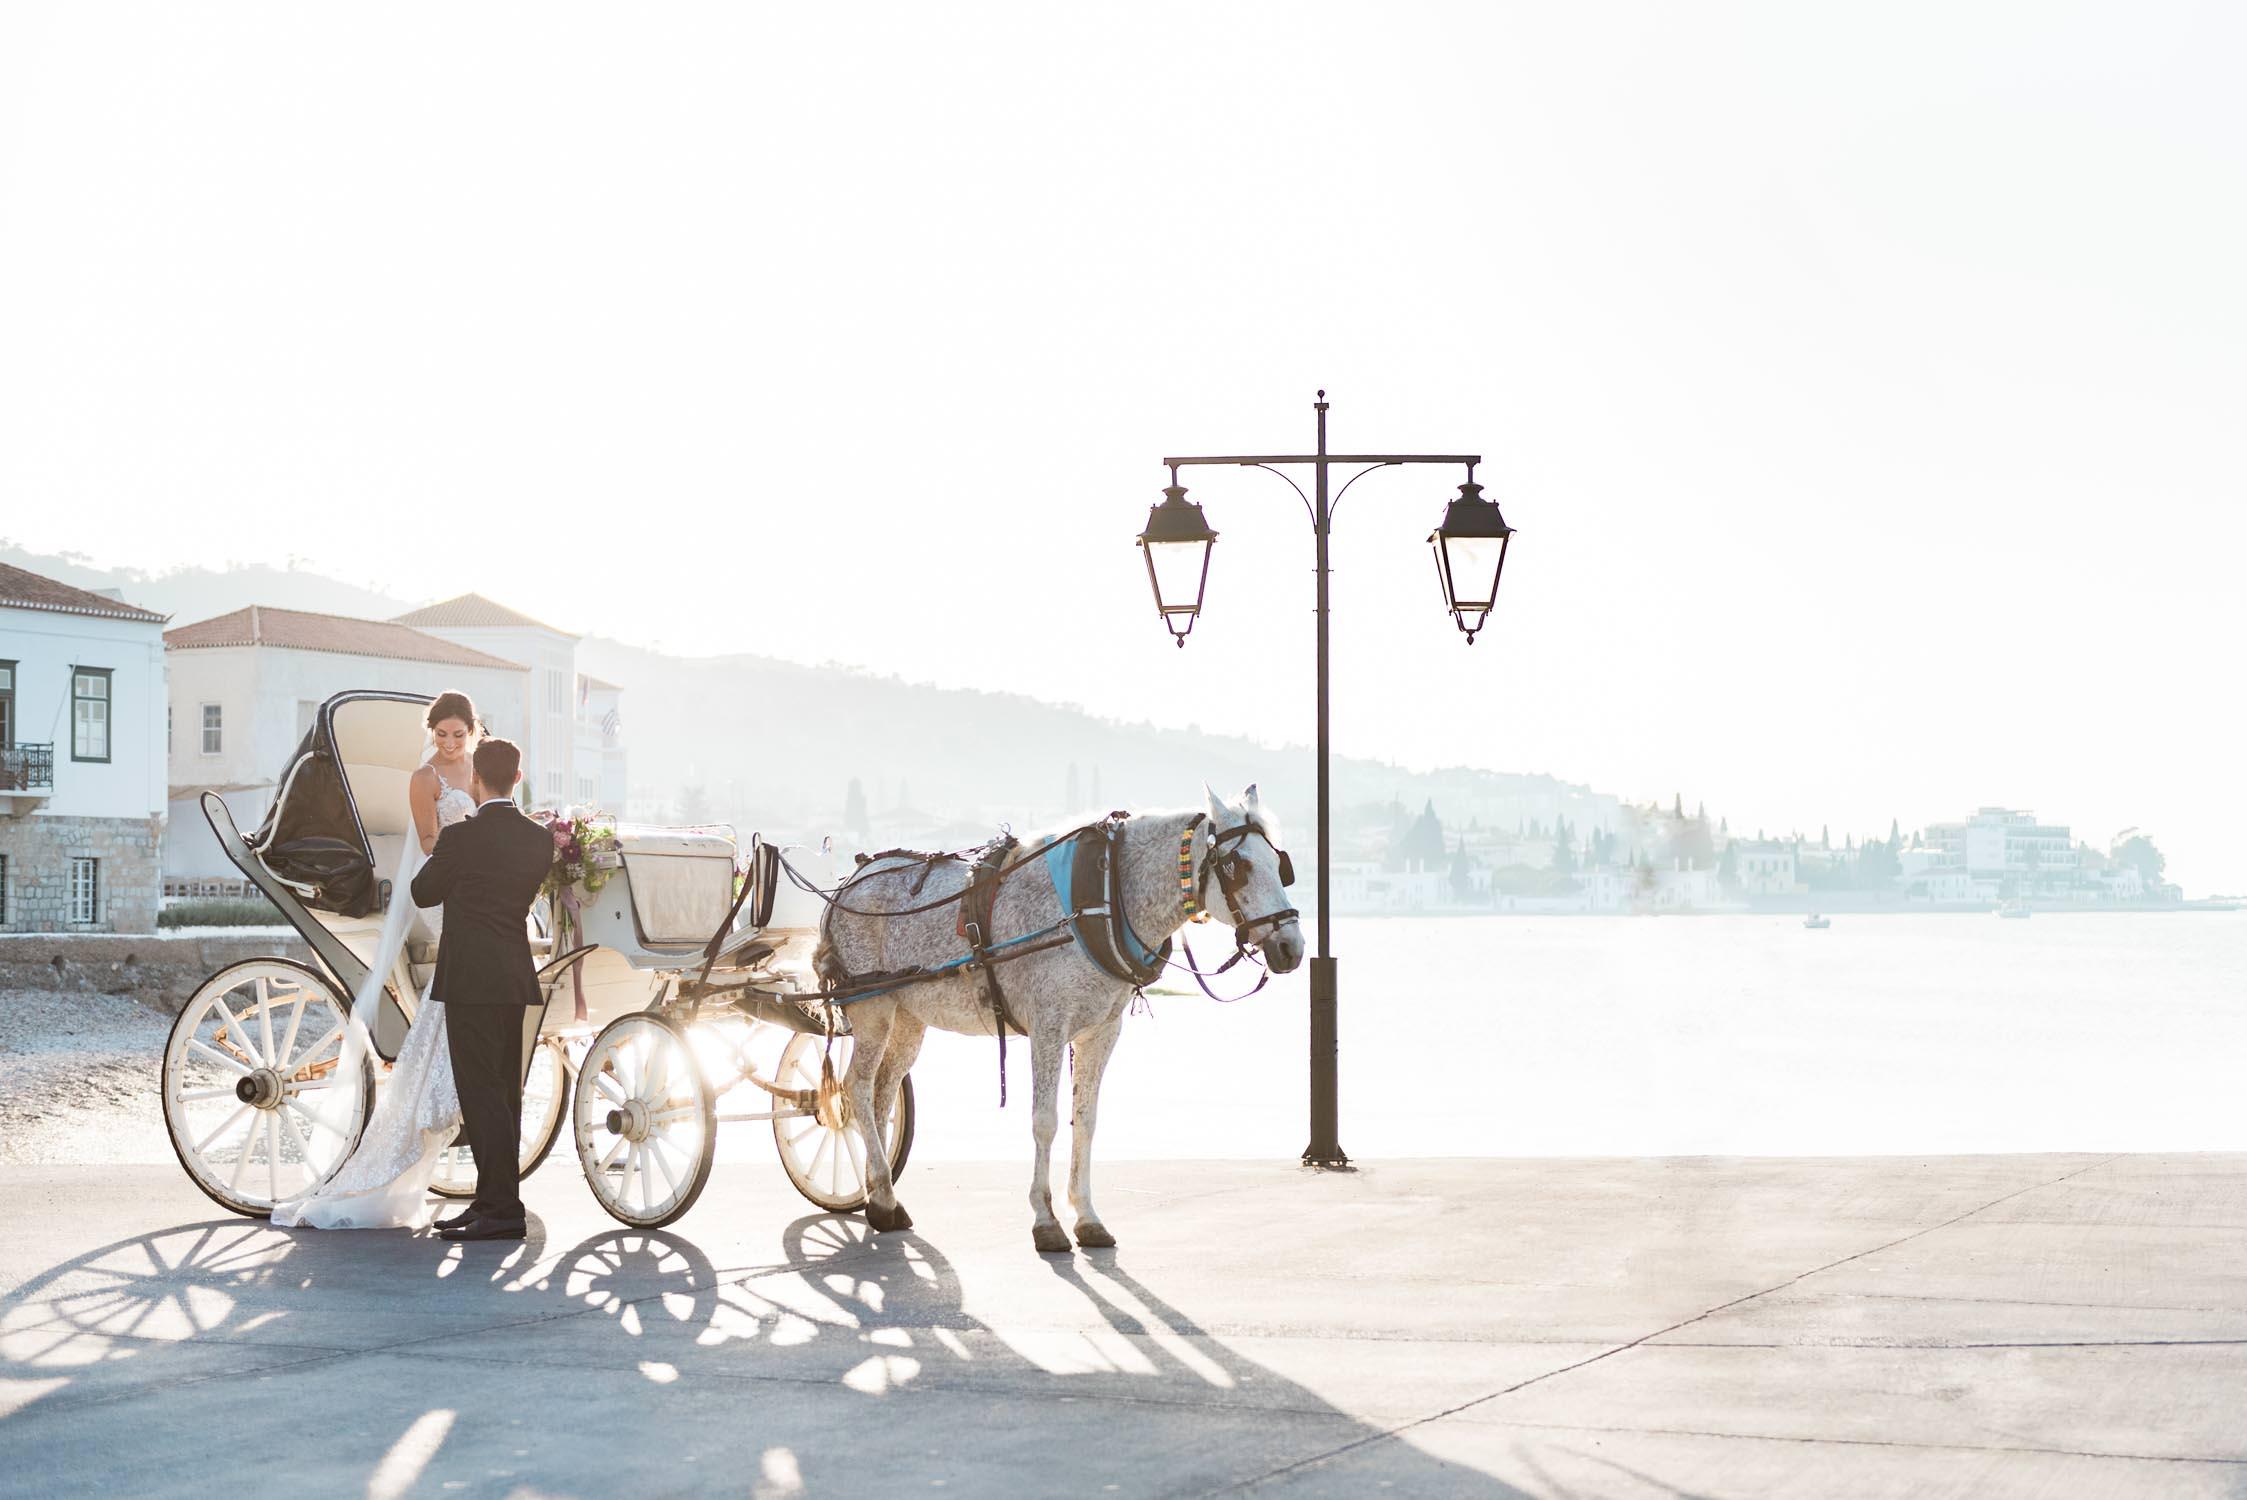 Foto van een destination wedding oftewel een bruiloft in het buitenland